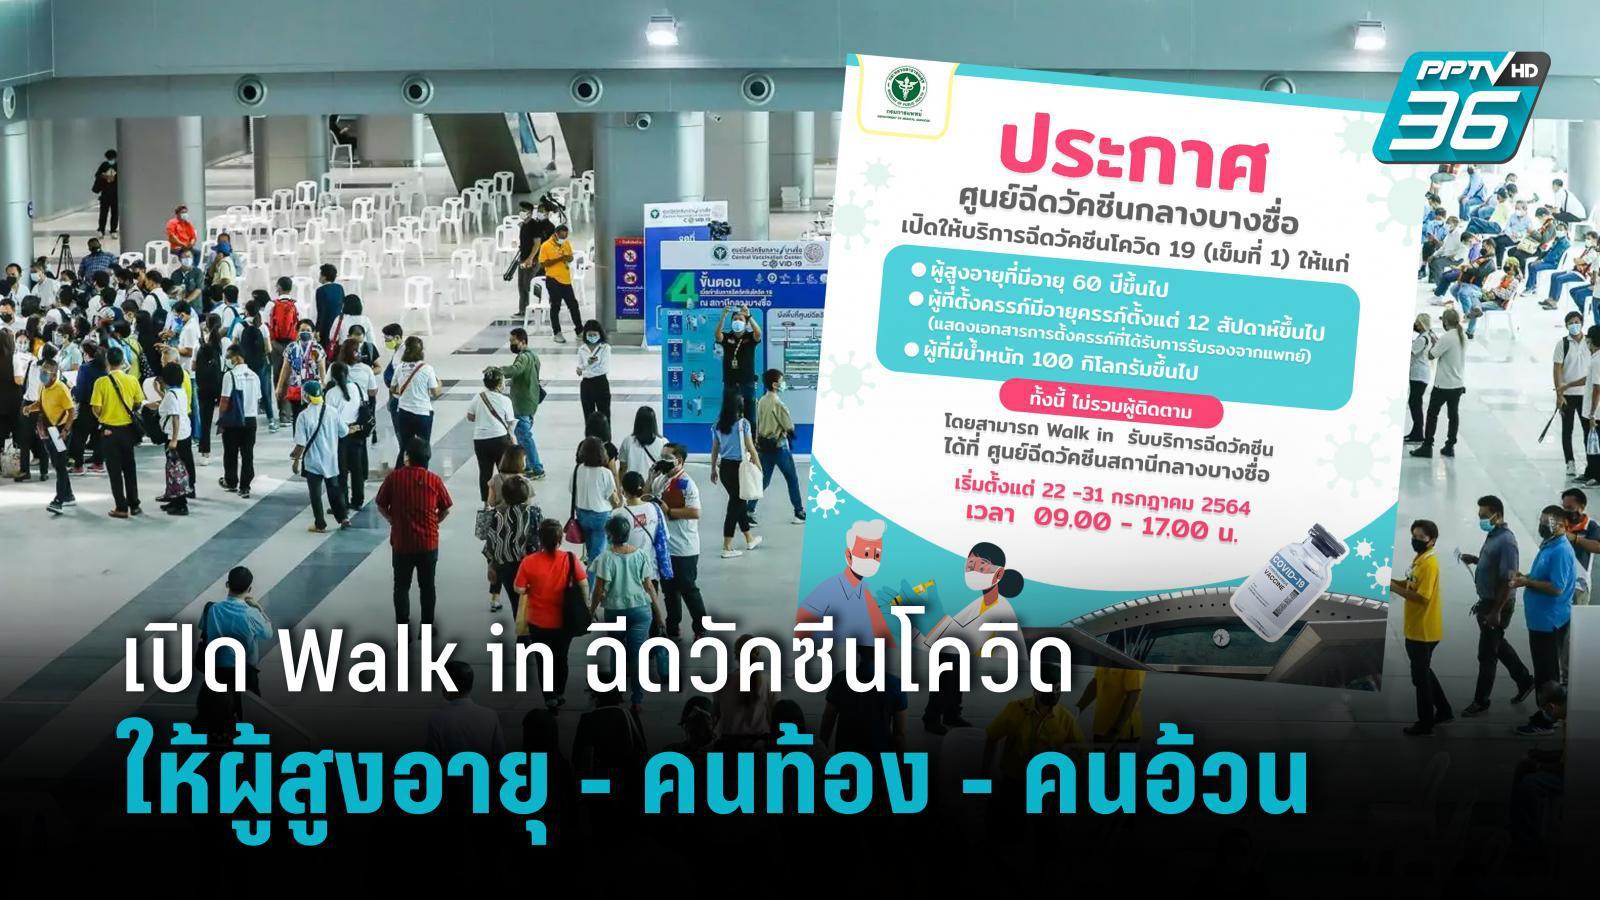 ผู้สูงอายุ - หญิงตั้งครรภ์ และคนอ้วน เตรียม Walk-in ฉีดวัคซีนป้องกันโควิด ได้ที่สถานีกลางบางซื่อ ดีเดย์พรุ่งนี้